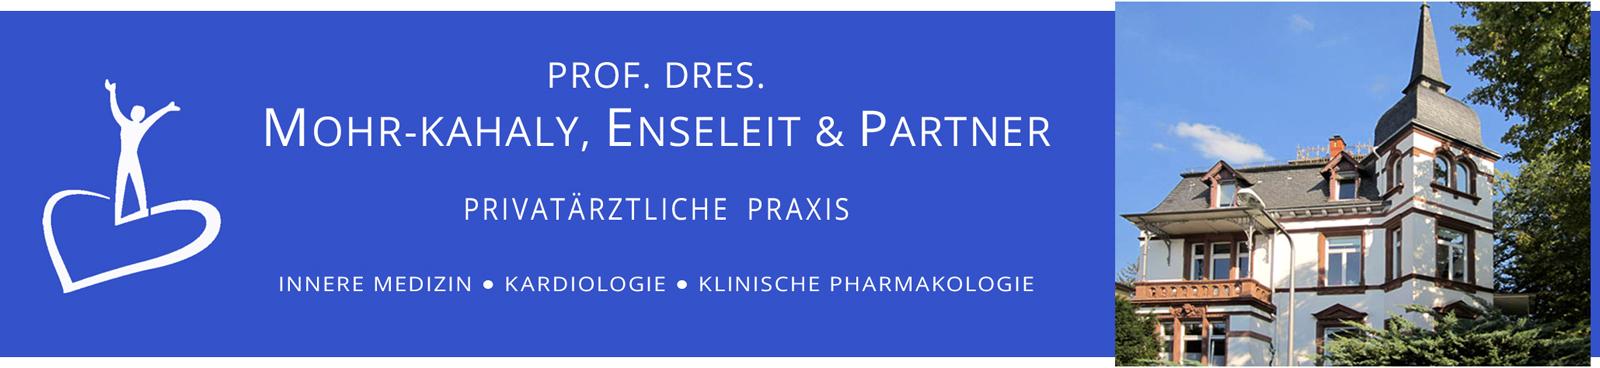 Kardiologie Wiesbaden - Prof. Dres. Mohr-Kahaly, Enseleit & Partner - Privatärztliche Praxis